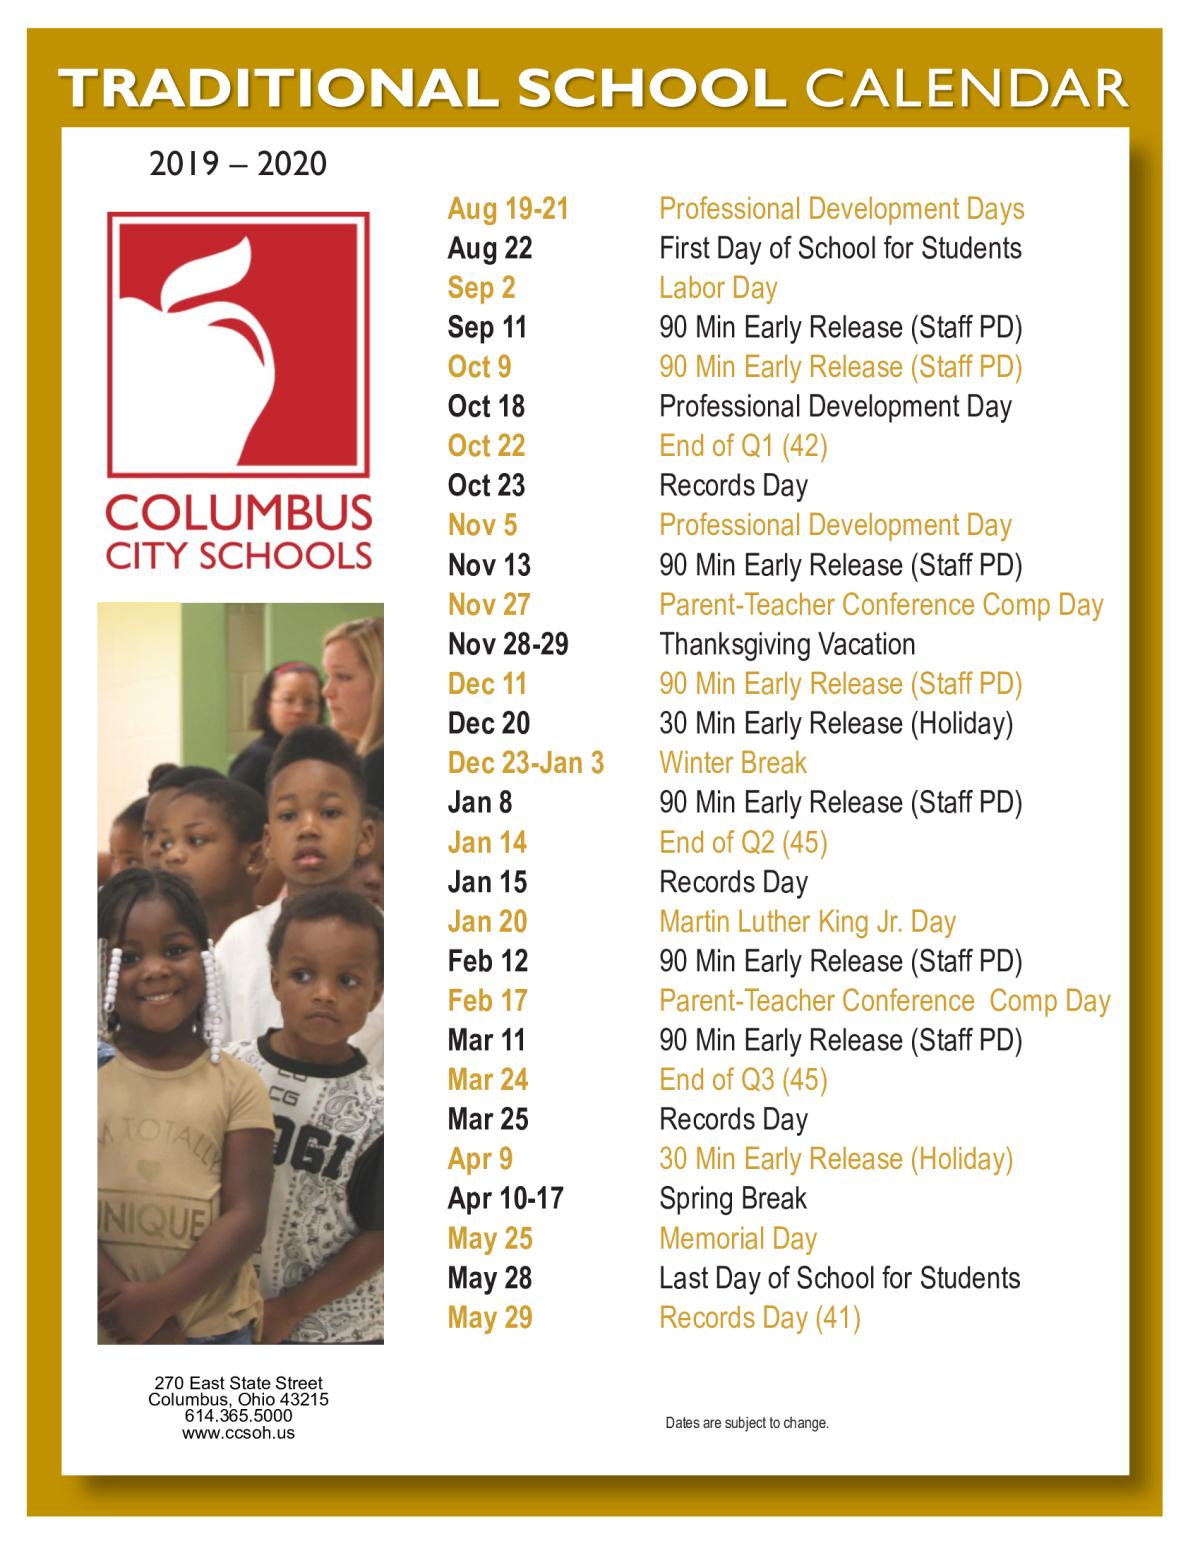 Ccs Calendar 2020 NEW CCS 2019 2020 TRADITIONAL SCHOOL CALENDAR